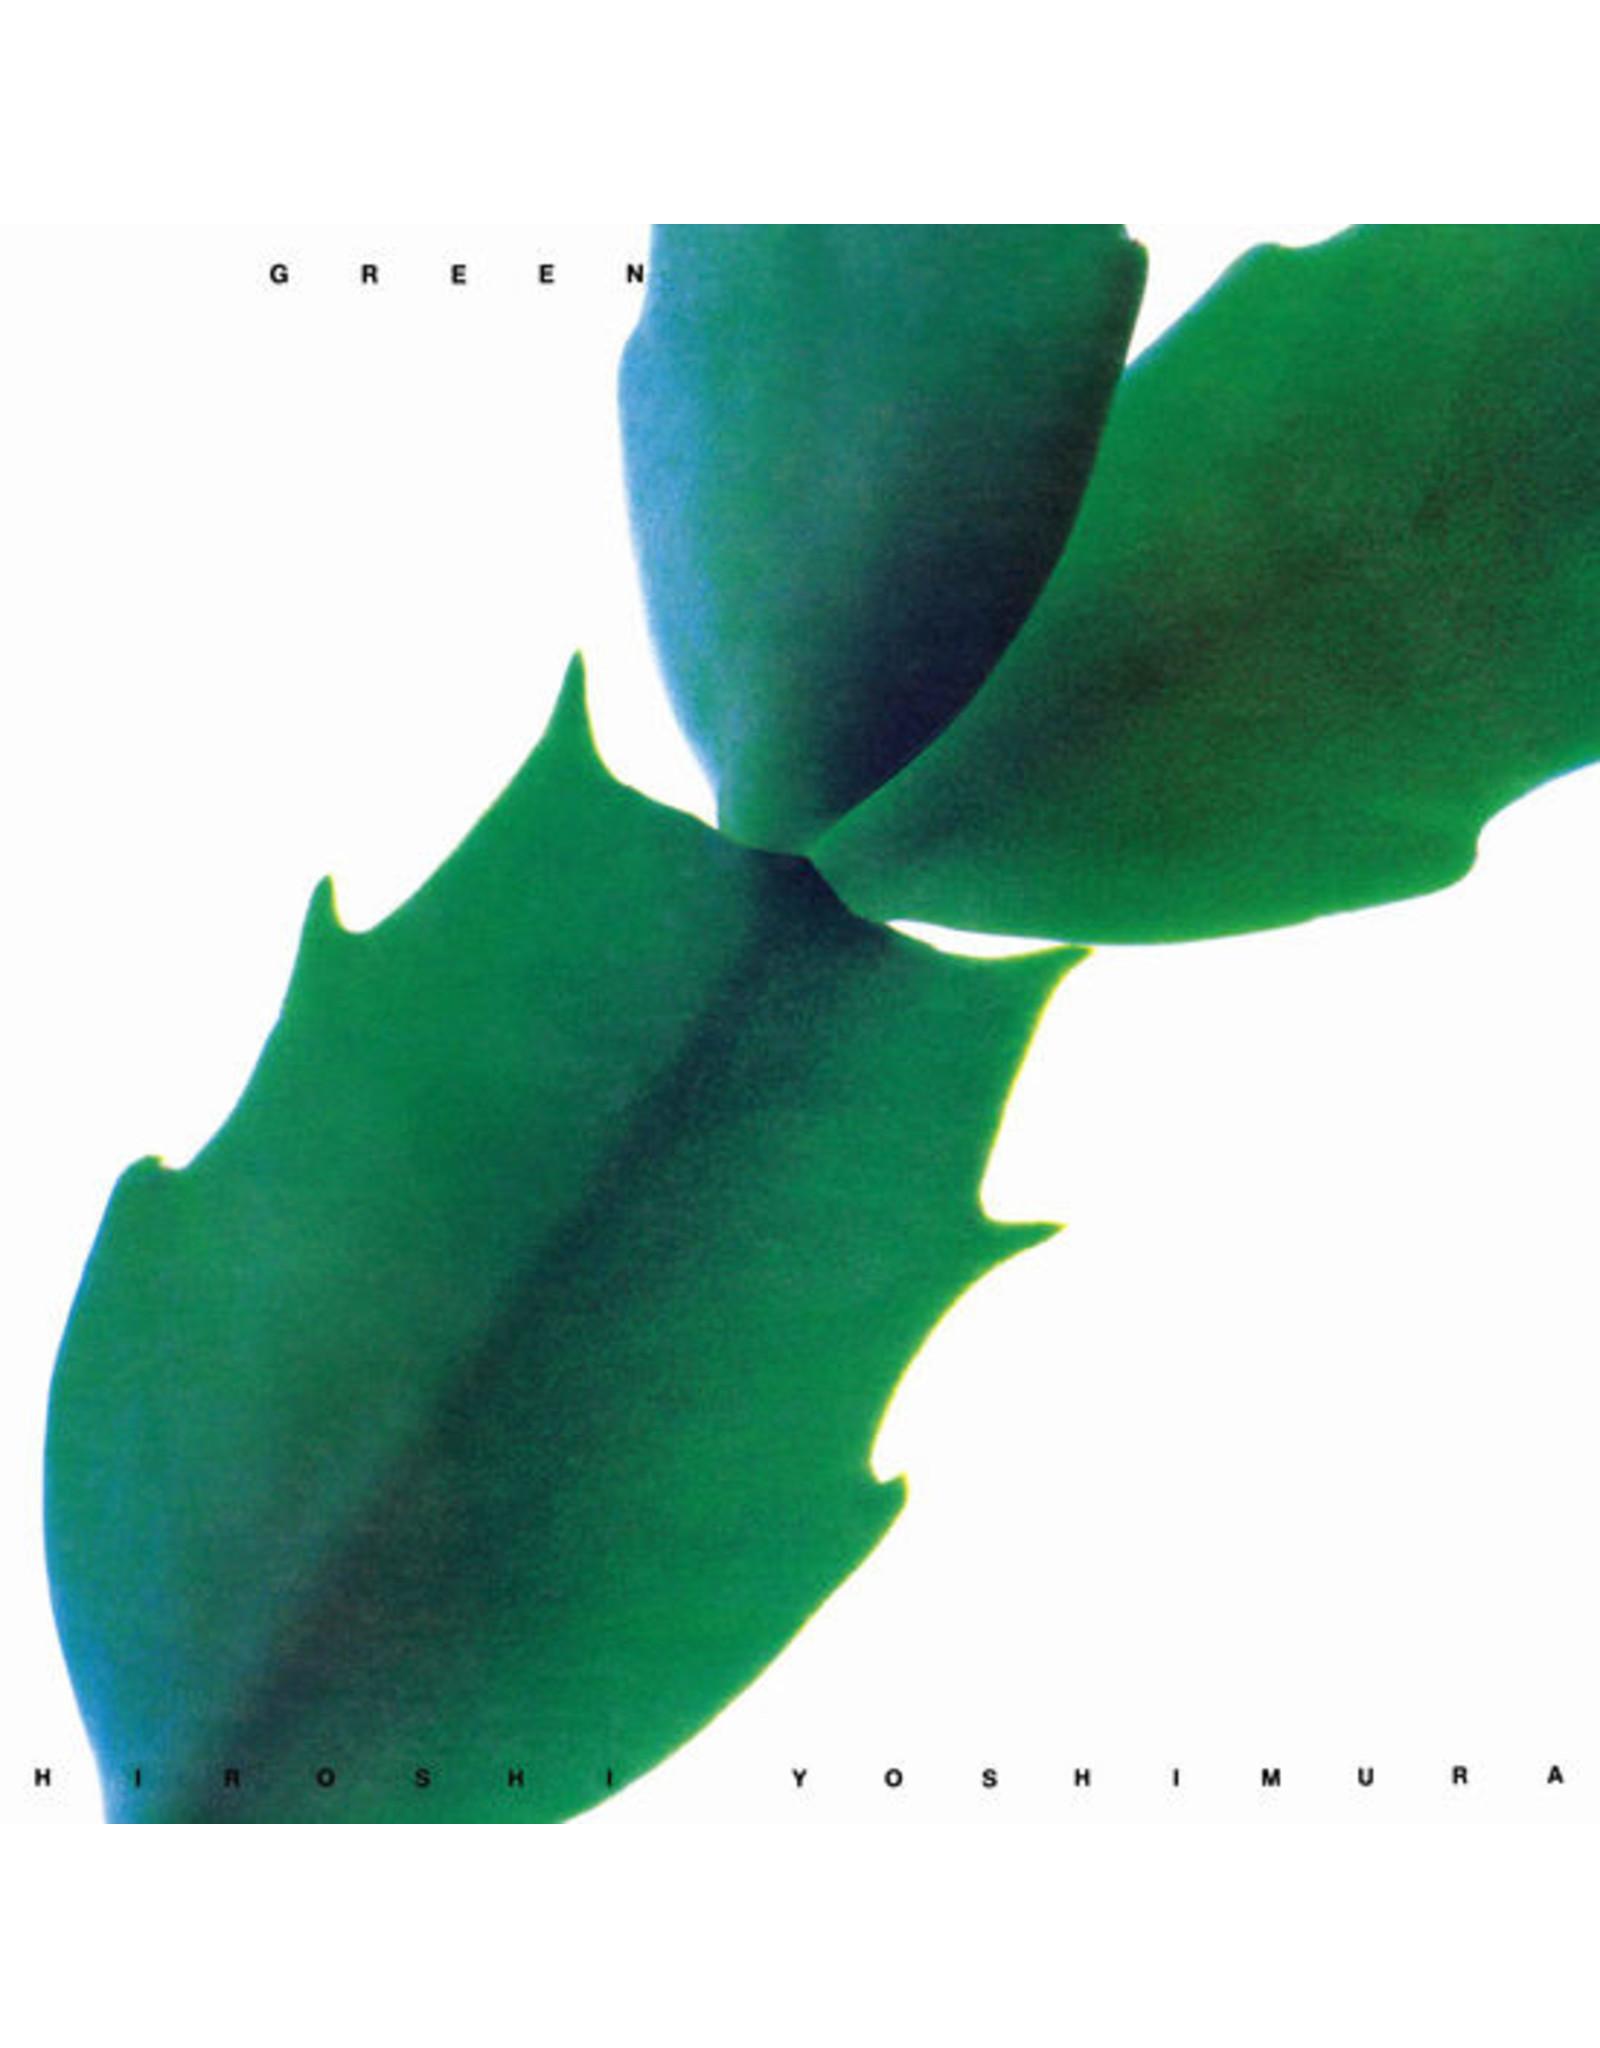 New Vinyl Hiroshi Yoshimura - Green LP